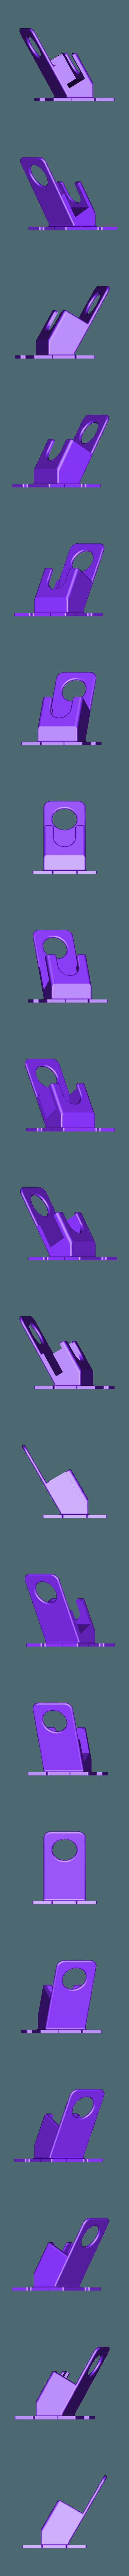 Eachine_vtx__case.stl Télécharger fichier STL gratuit Cadre tactile • Design pour imprimante 3D, touchthebitum